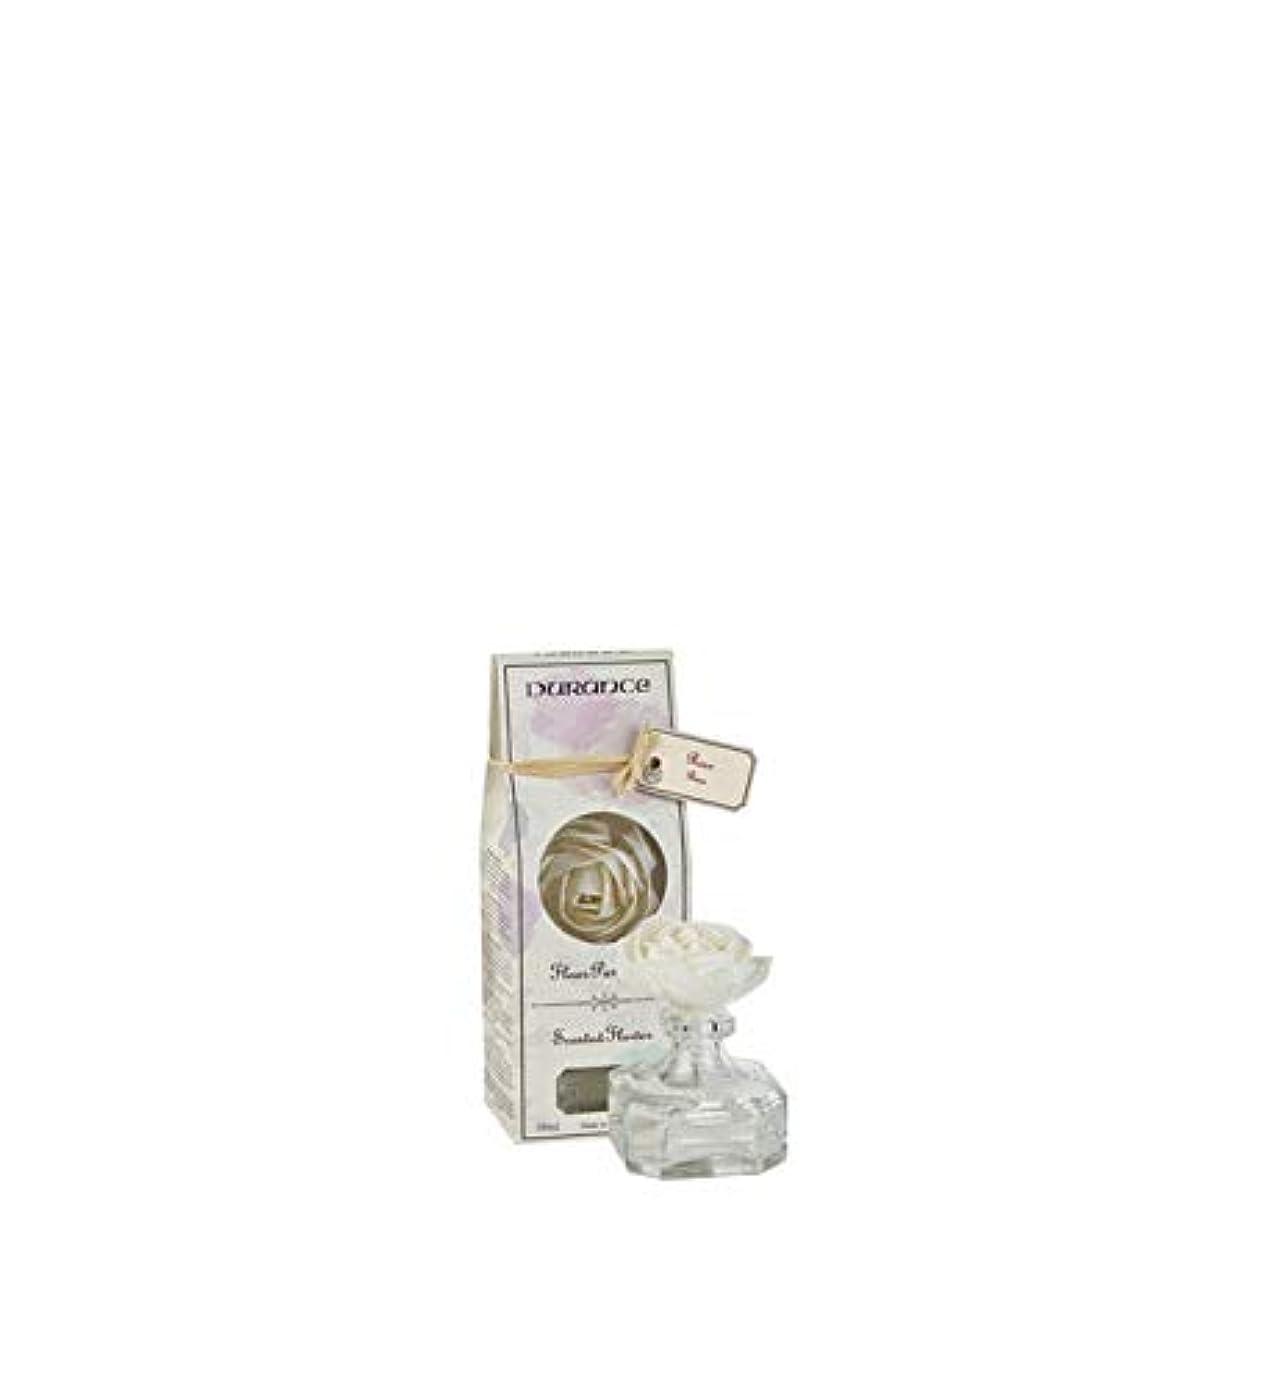 DURANCEデュランス ローズフラワーブーケ100ml ローズの香り ルームフレグランス 芳香剤